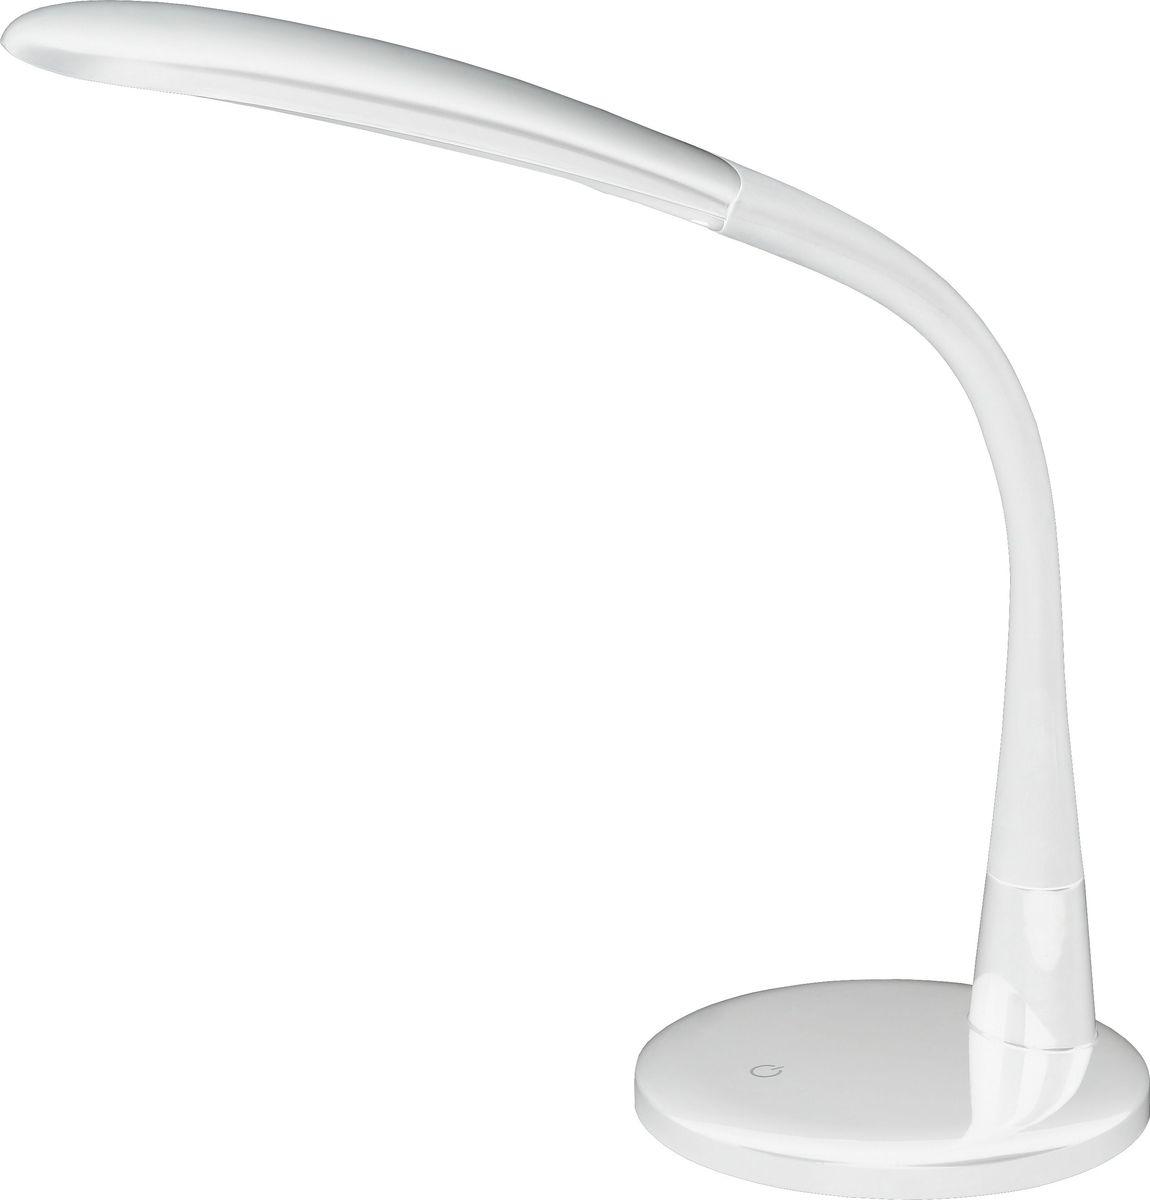 Настольный светильник ЭРА, цвет: белый. NLED-444-7W-WNLED-444-7W-WНастольный светильник ЭРА - светильник со светодиодами (LED) в качестве источников света, которые экономят до 90% электроэнергии и не требуют замены на протяжении всего срока службы светильника.Сенсорный переключатель на основании.Четырехступенчатый диммер для регулировки яркости.Направление света регулируется поворотом плафона в любом направлении под любым углом.Теплый свет, аналогичный свету лампы накаливания - цветовая температура 3000К.Класс энергоэффективности: A.Степень защиты от воздействия окружающей среды: IP20.Диапазон рабочих температур: + 5..+40°C.Класс защиты от поражения электрическим током: класс II.Количество светодиодов: 28 шт.